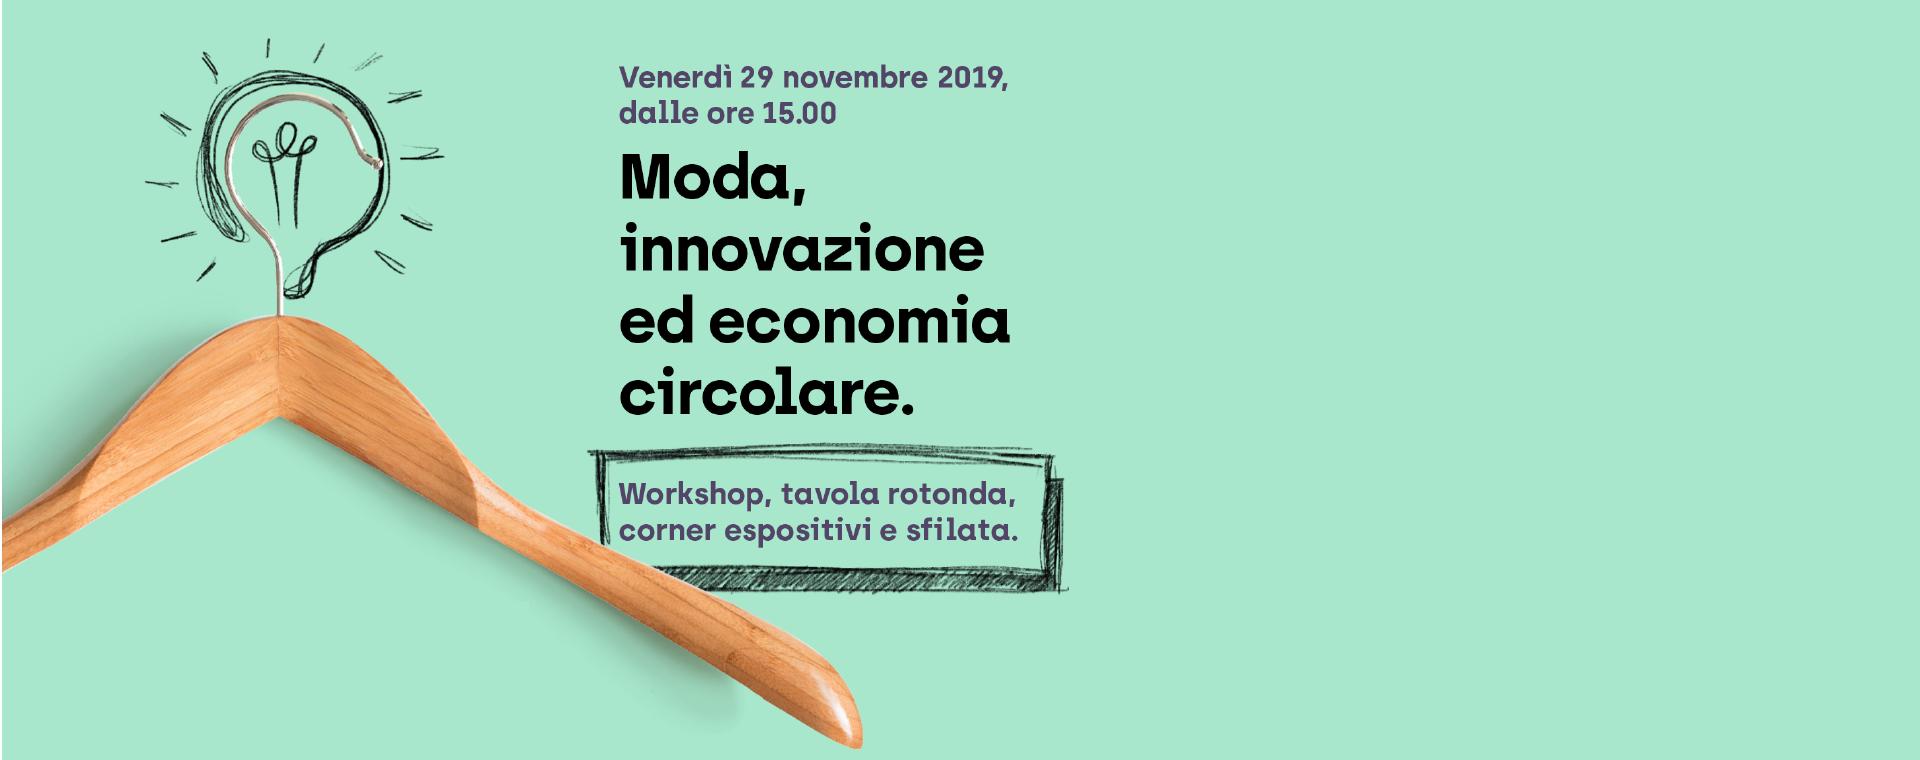 Moda, innovazione ed economia circolare